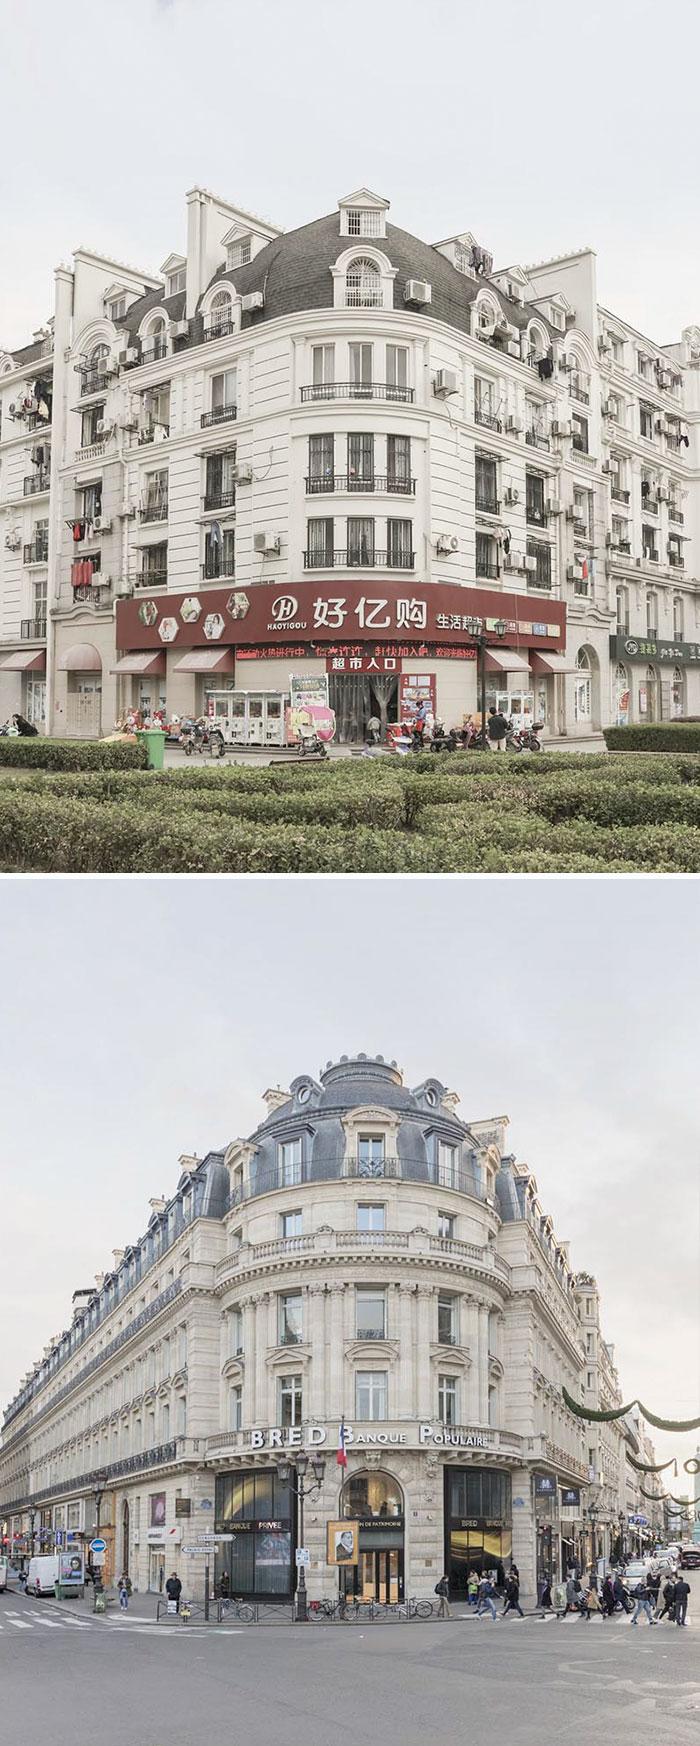 'Paris phiên bản lỗi' của Trung Quốc đã vượt lên chính mình như thế nào?